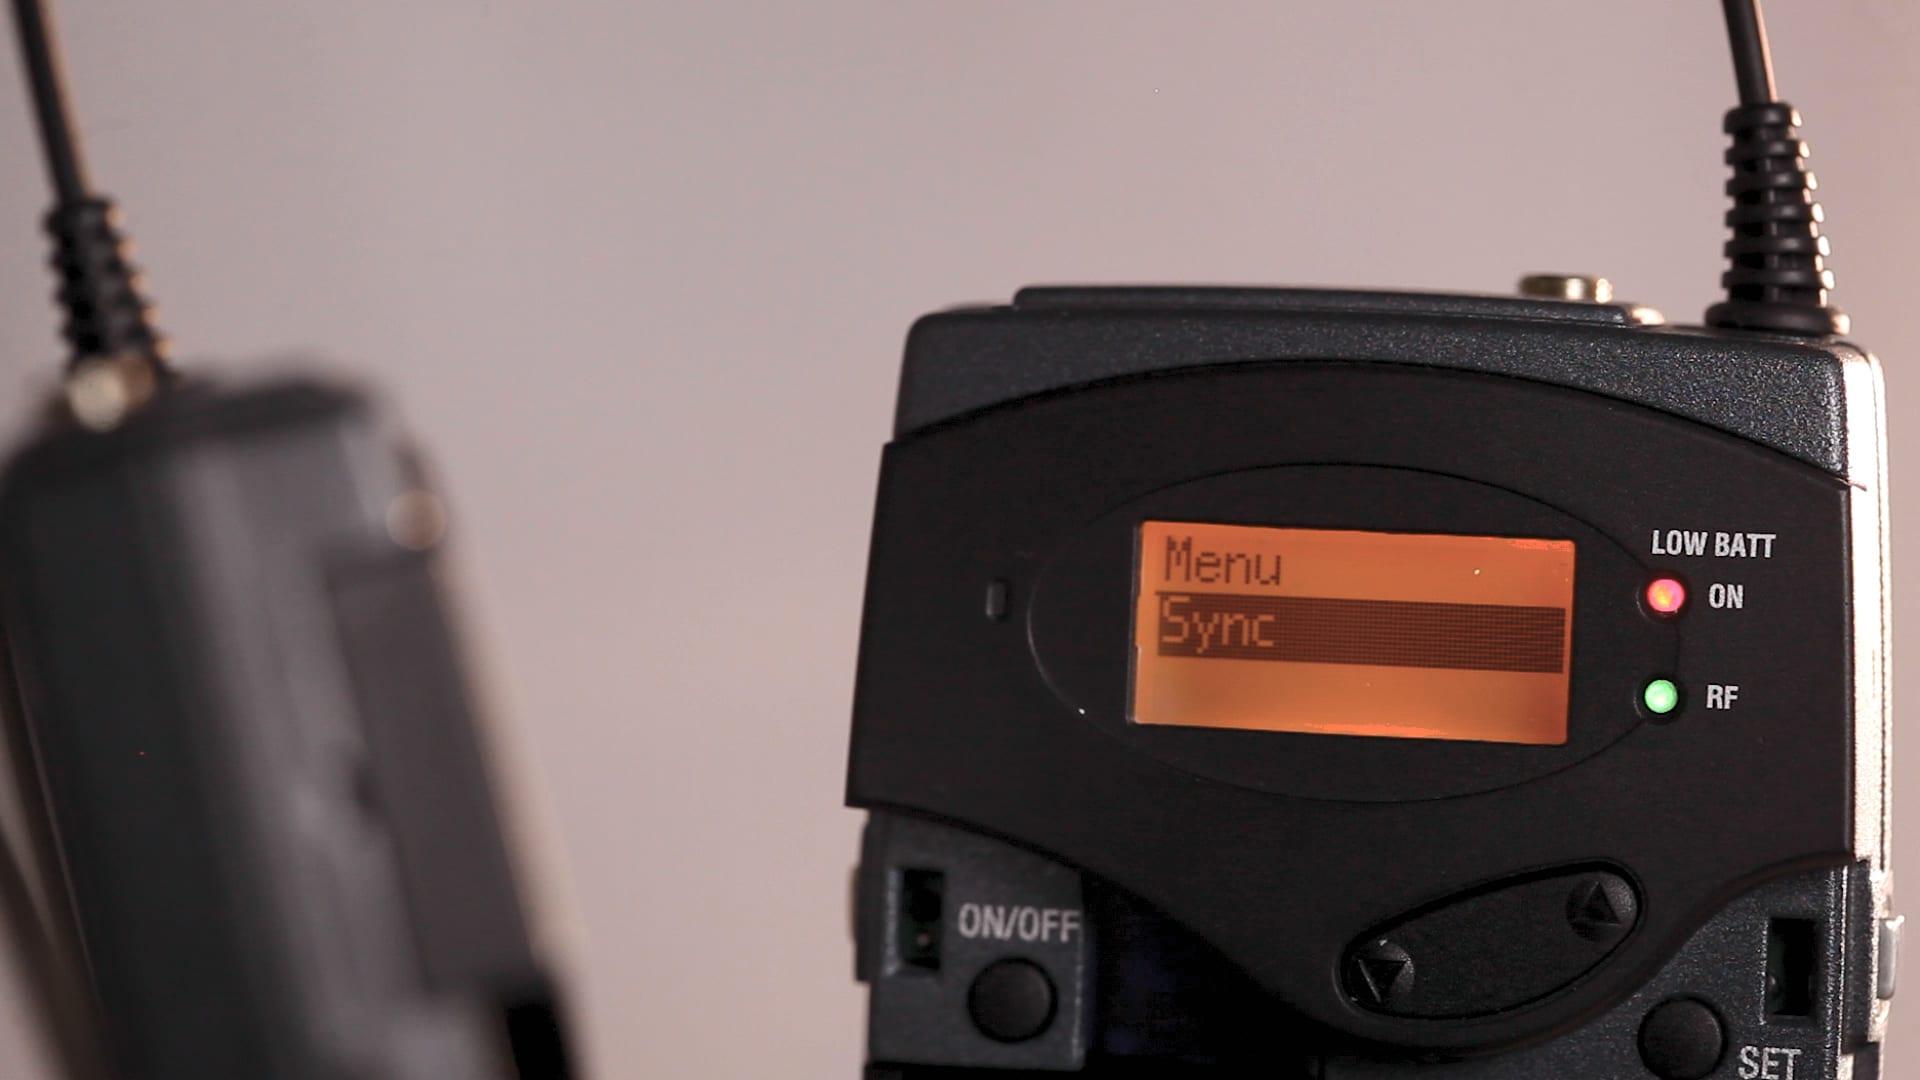 sennheiser-g3-receiver-transmitter-sync-green-light